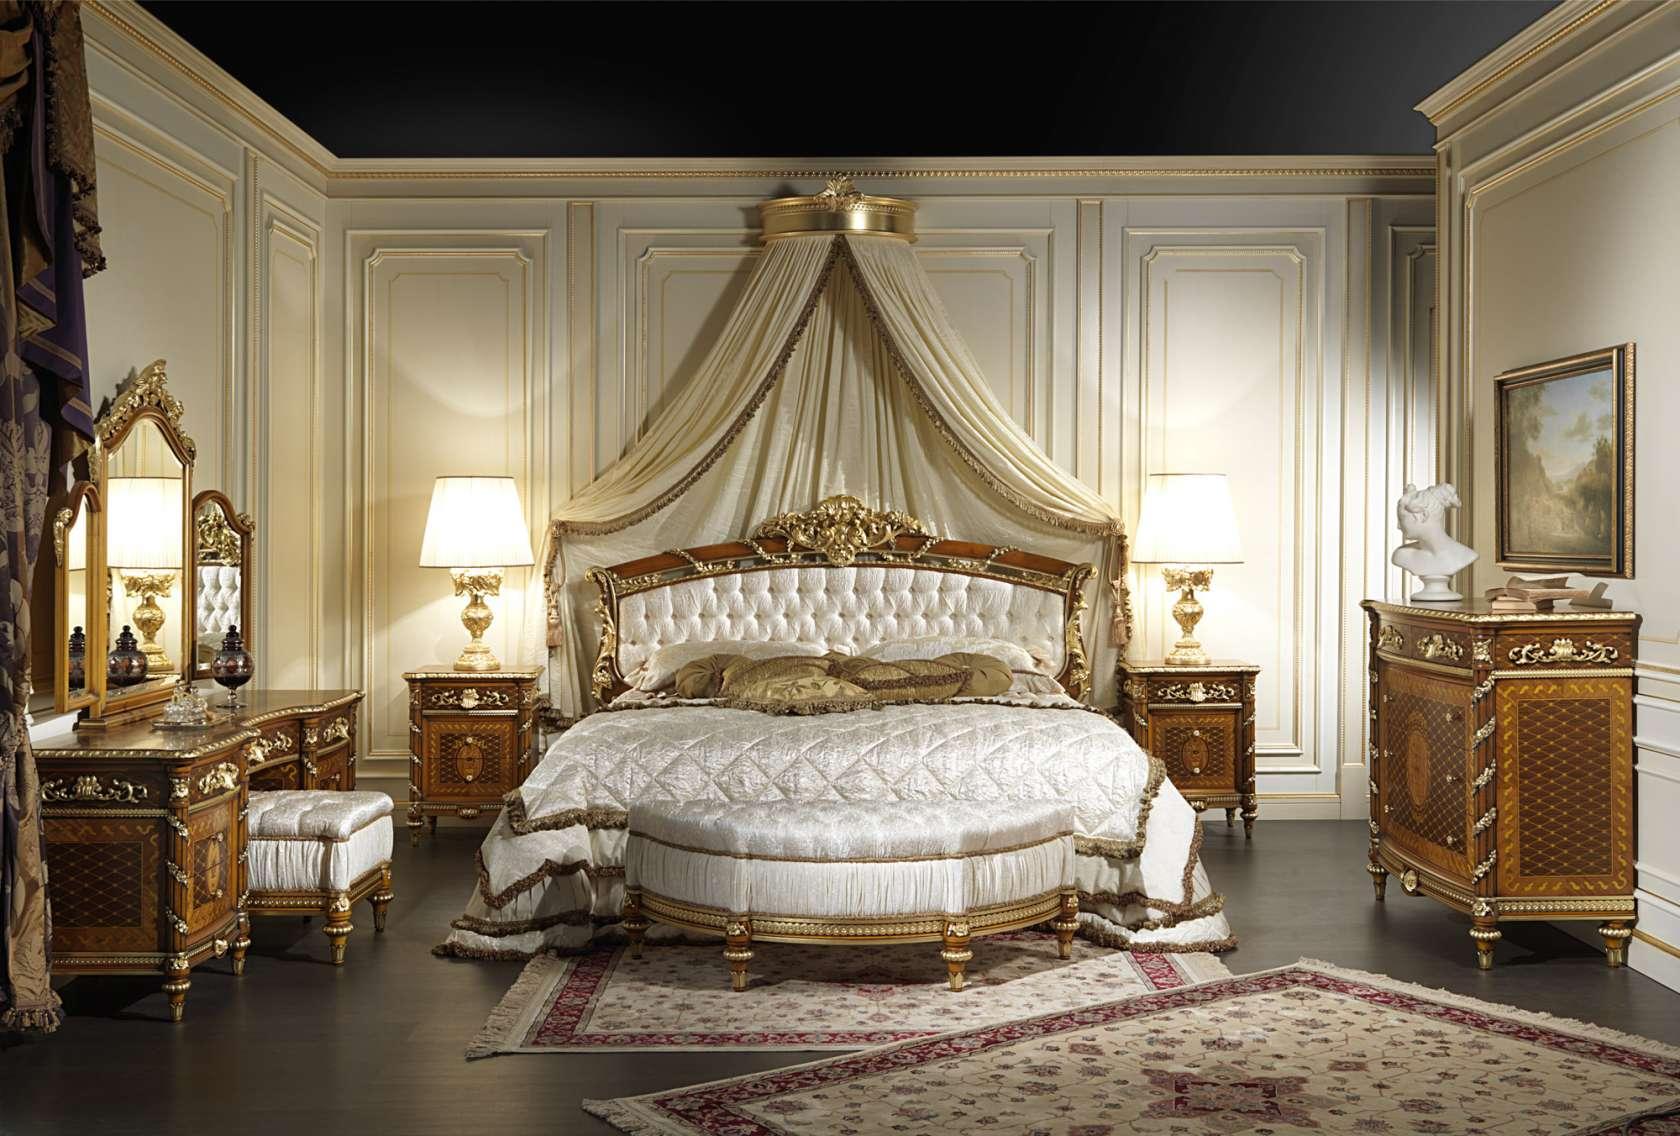 Camera da letto in noce luigi xvi noce e intarsi art 2011 vimercati meda - Camera da letto in noce ...